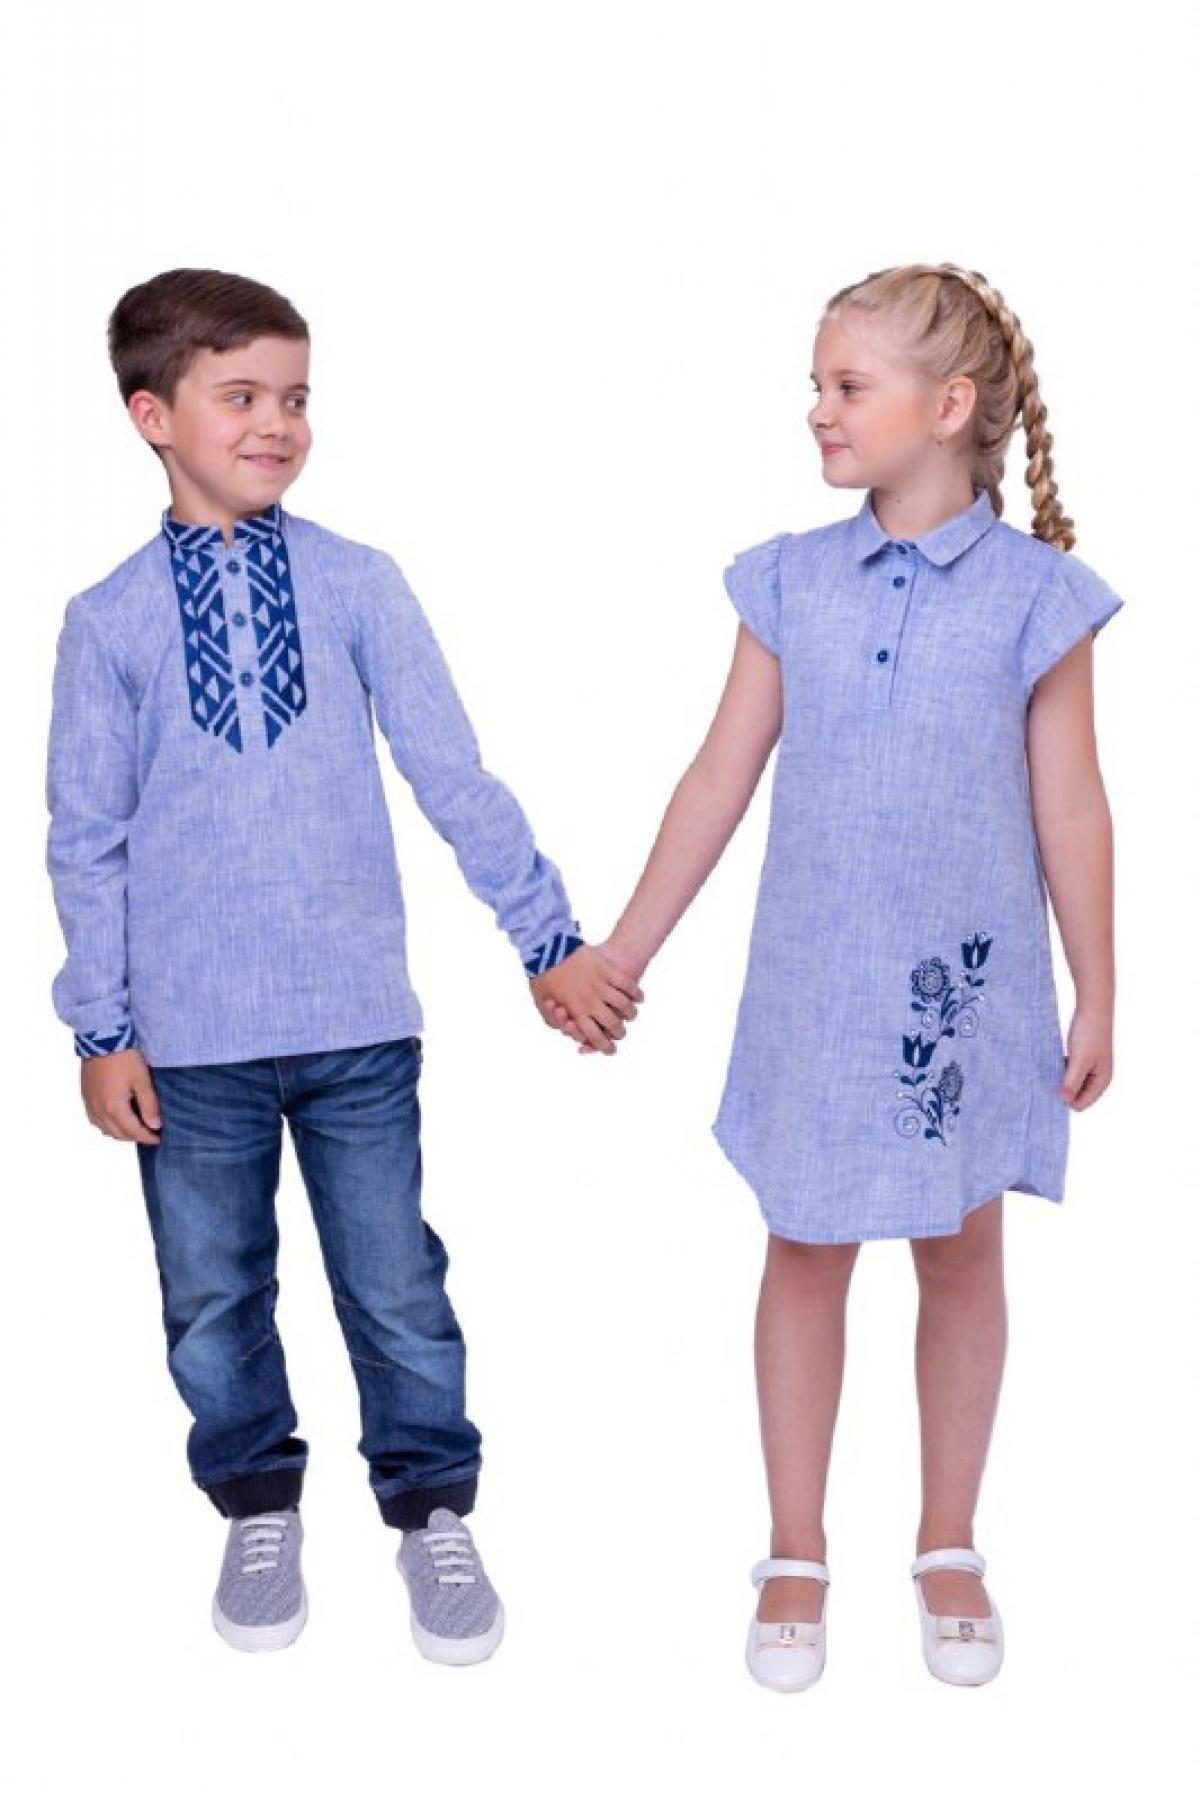 Блакитна вишиванка для хлопчика з синьою вишивкою. Фото №2. | Народний дім Україна